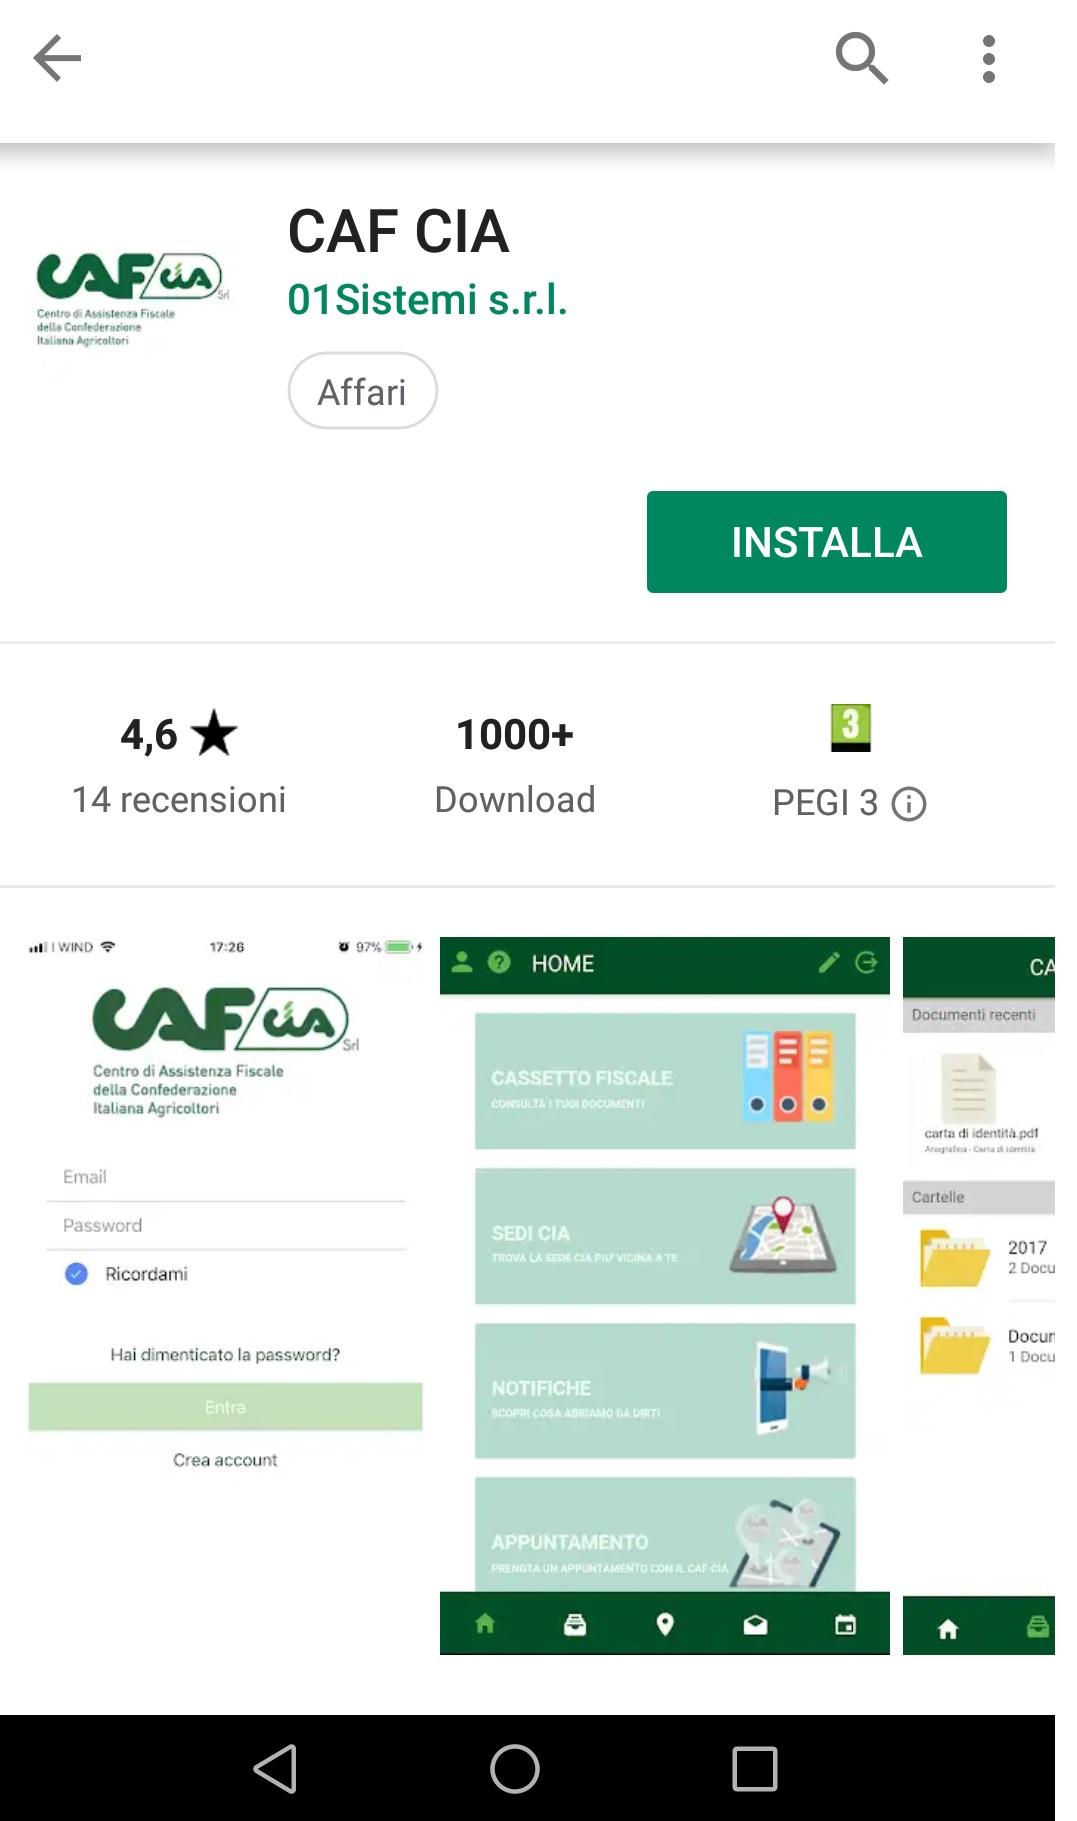 App Caf Cia